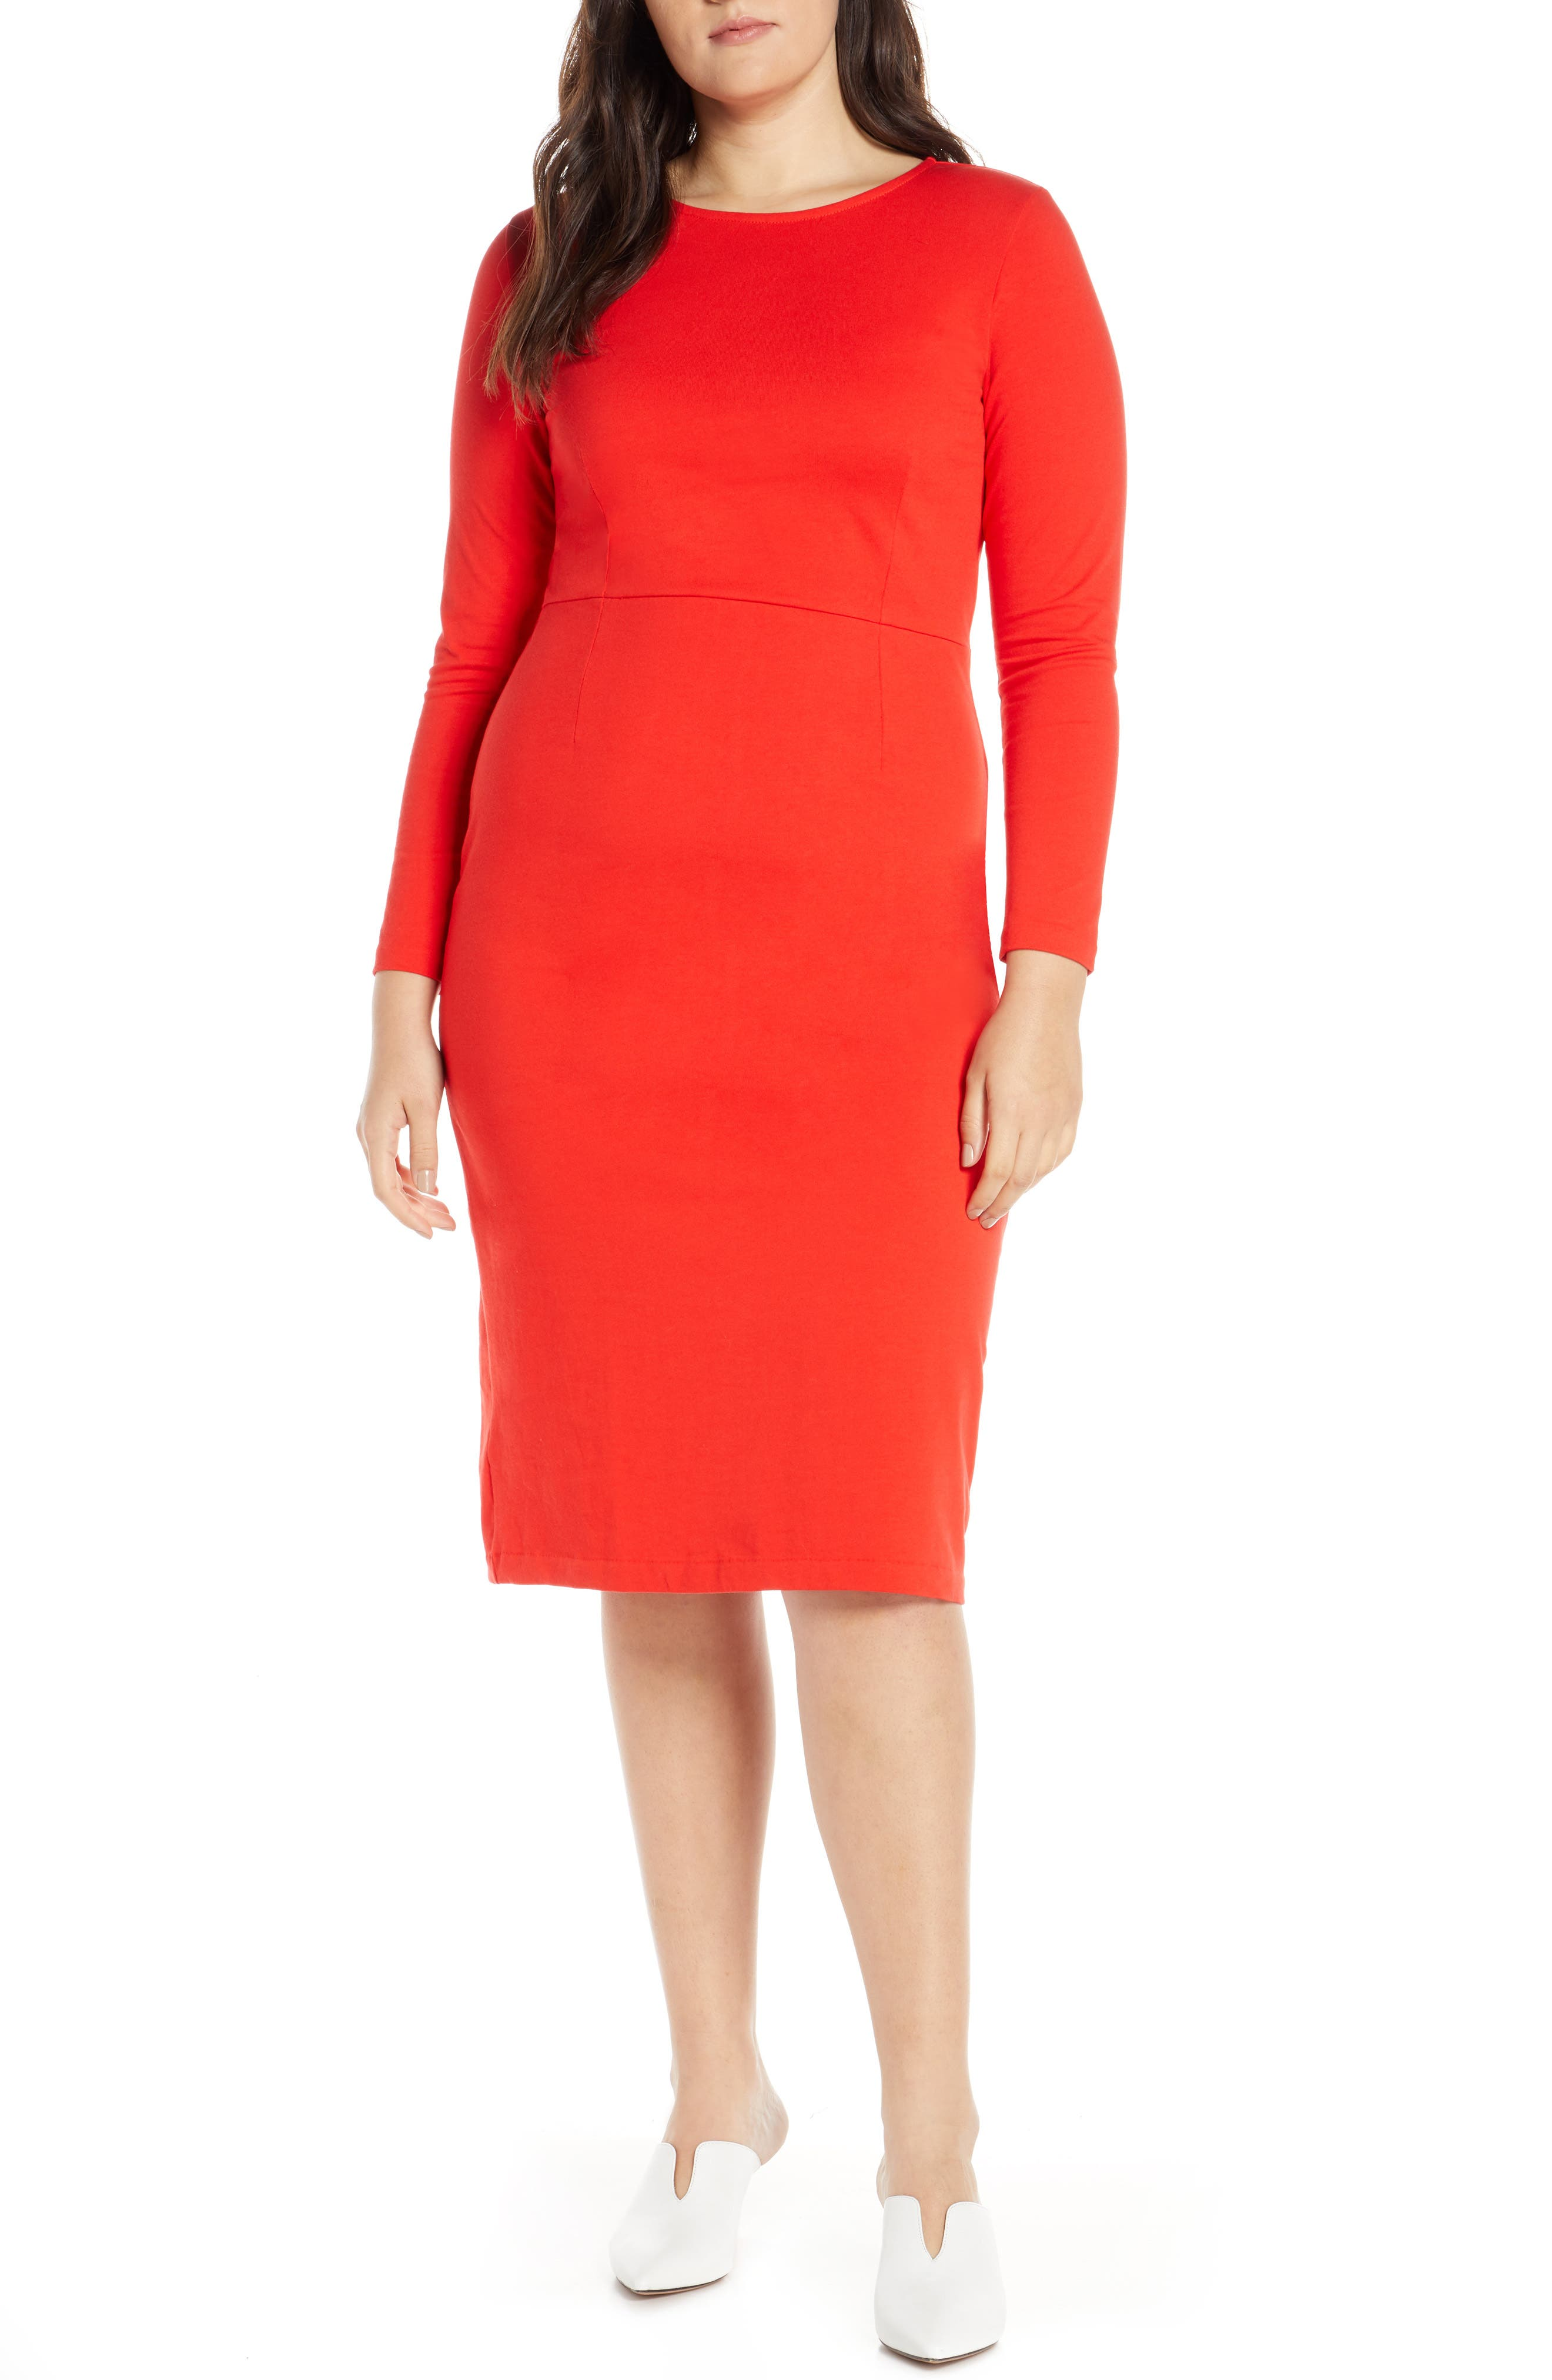 J.CREW, Knit Sheath Dress, Alternate thumbnail 2, color, BRIGHT CERISE